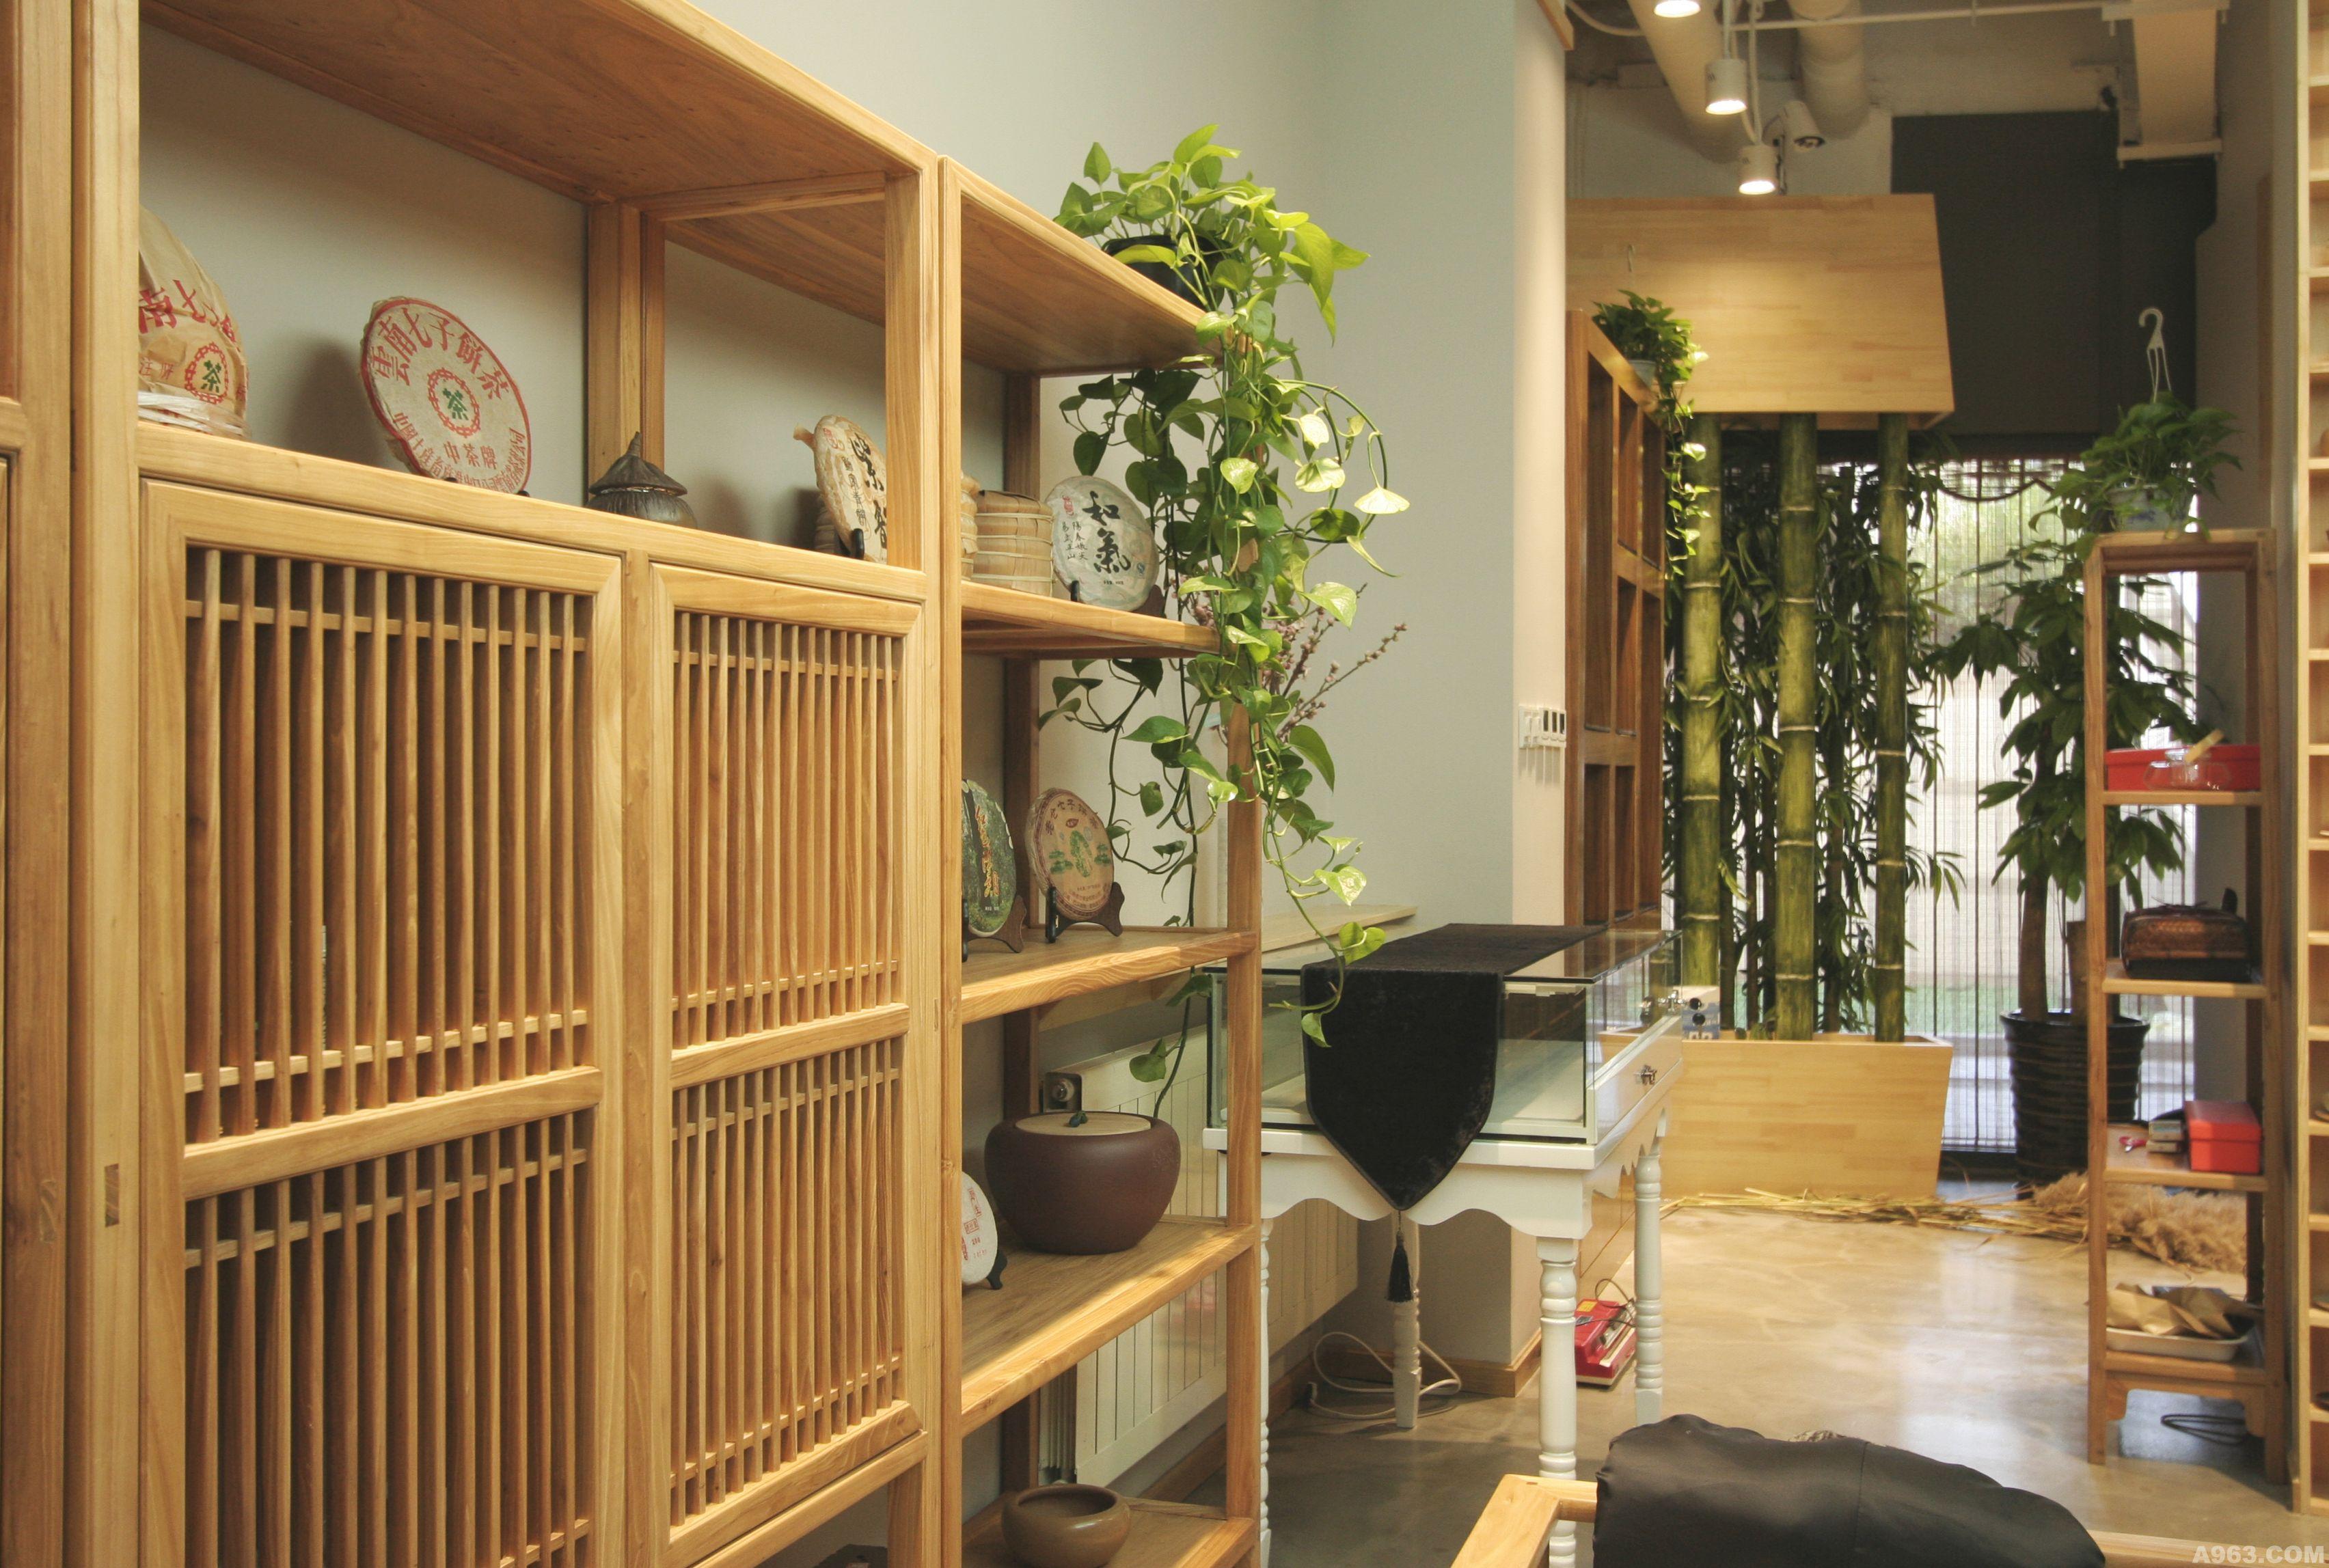 木兰茶舍 - 商业空间 - 荆弸菲设计作品案例